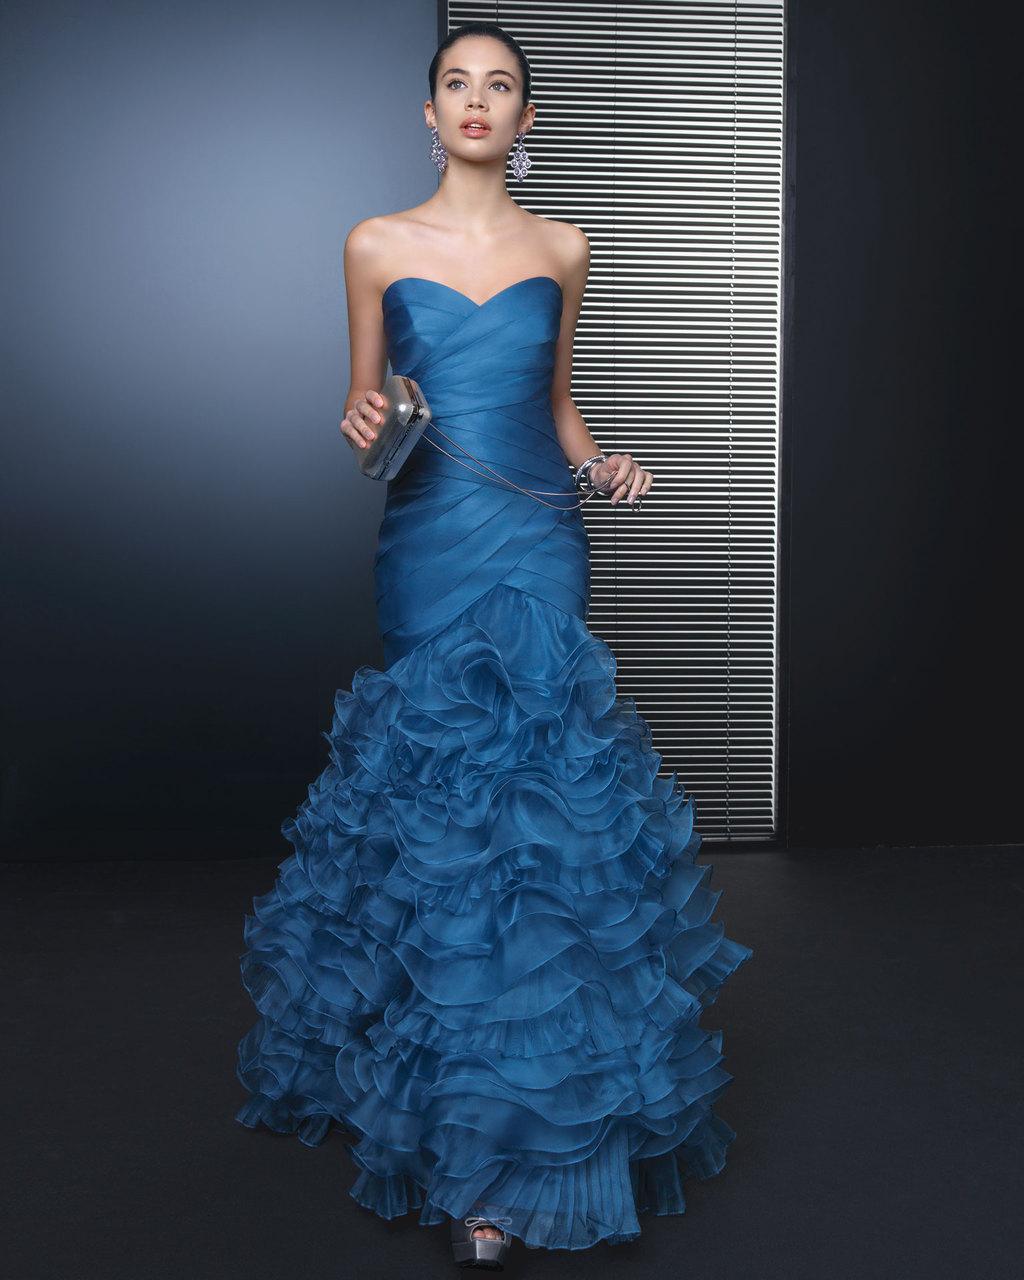 Blue-sweetheart-bridesmaid-dress-full-length.full